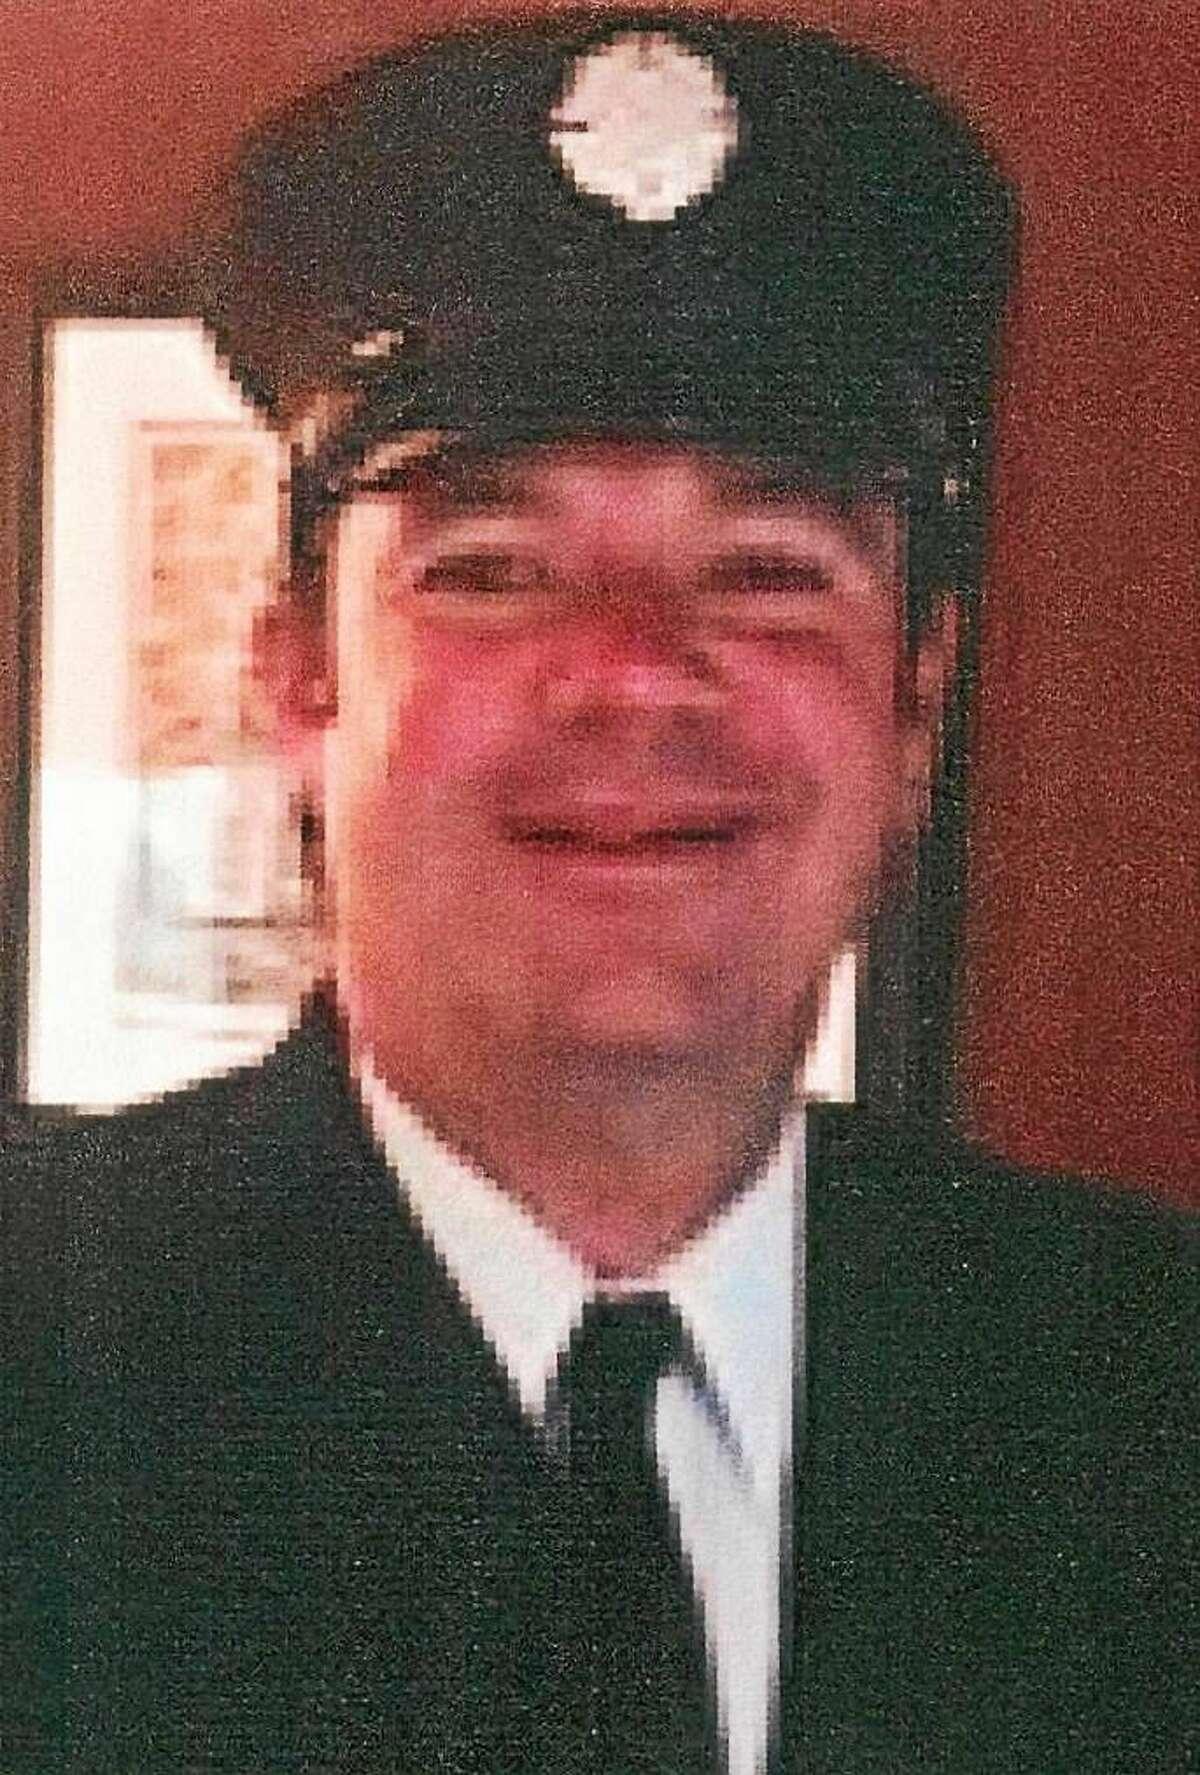 Firefighter Michael Ciaburro